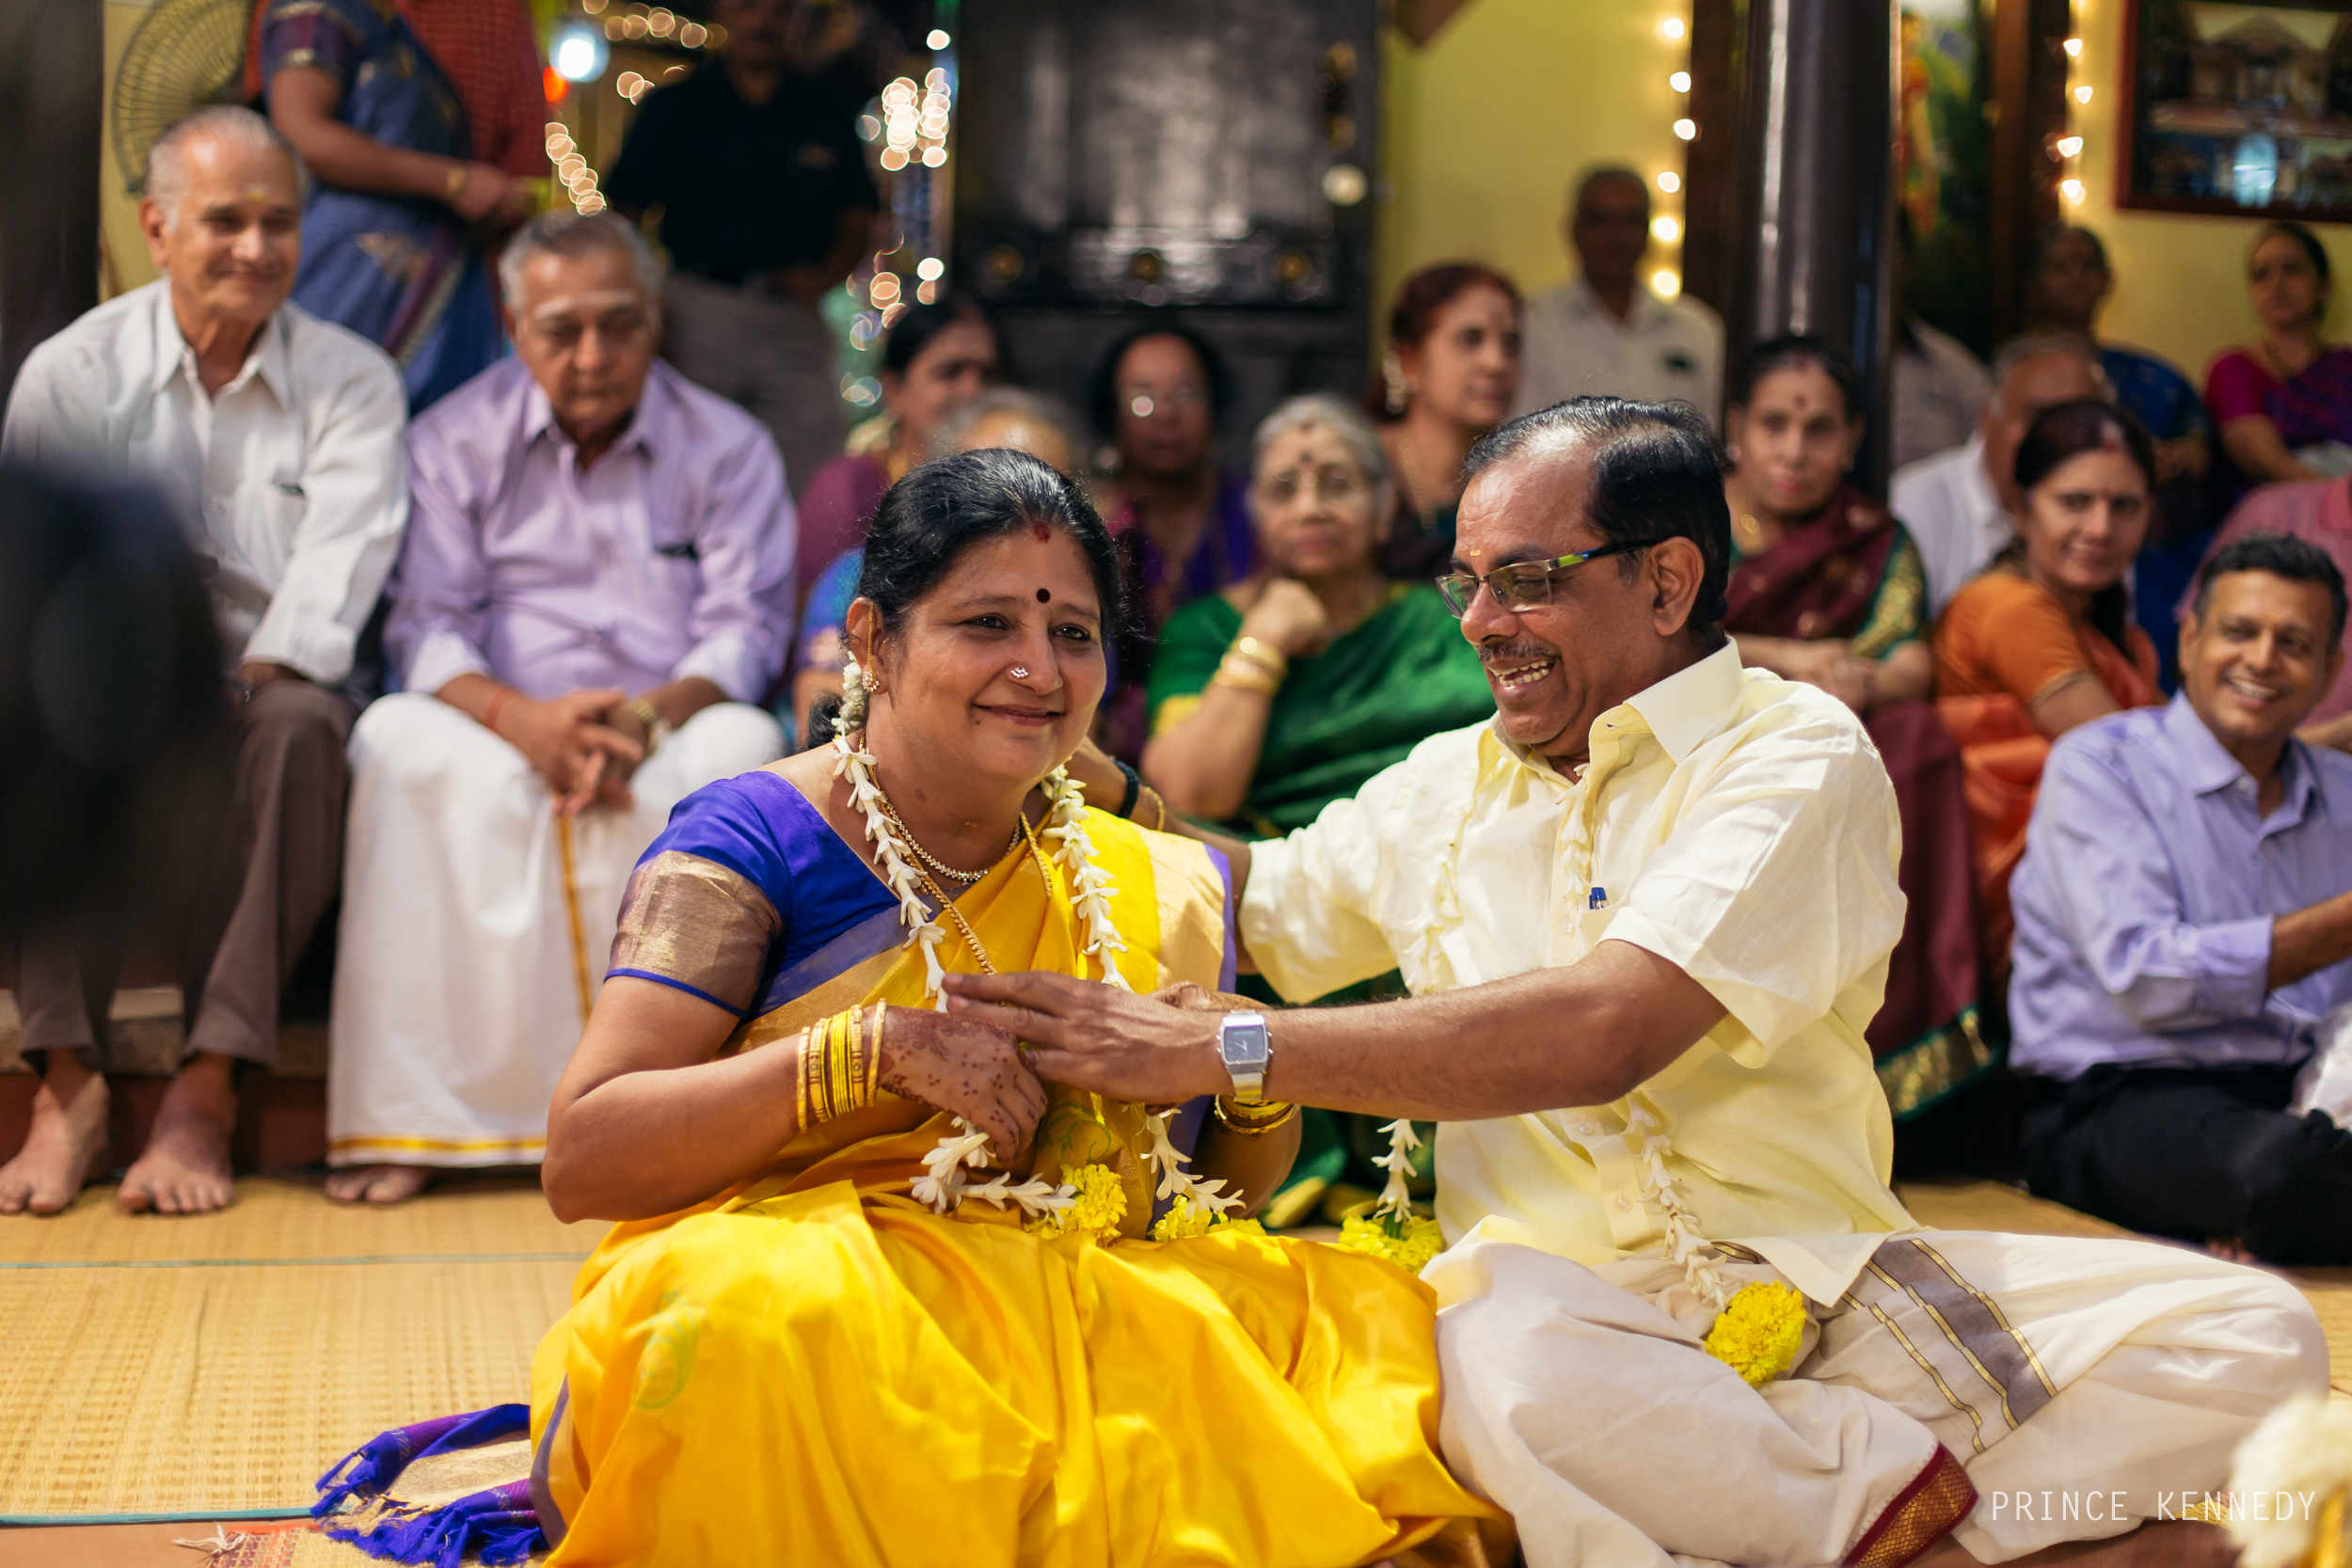 Engagement-Couple-Portrait-Portraiture-Wedding-Couple-Portrait-Chennai-Photographer-Candid-Photography-Destination-Best-Prince-Kennedy-Photography-179.jpg